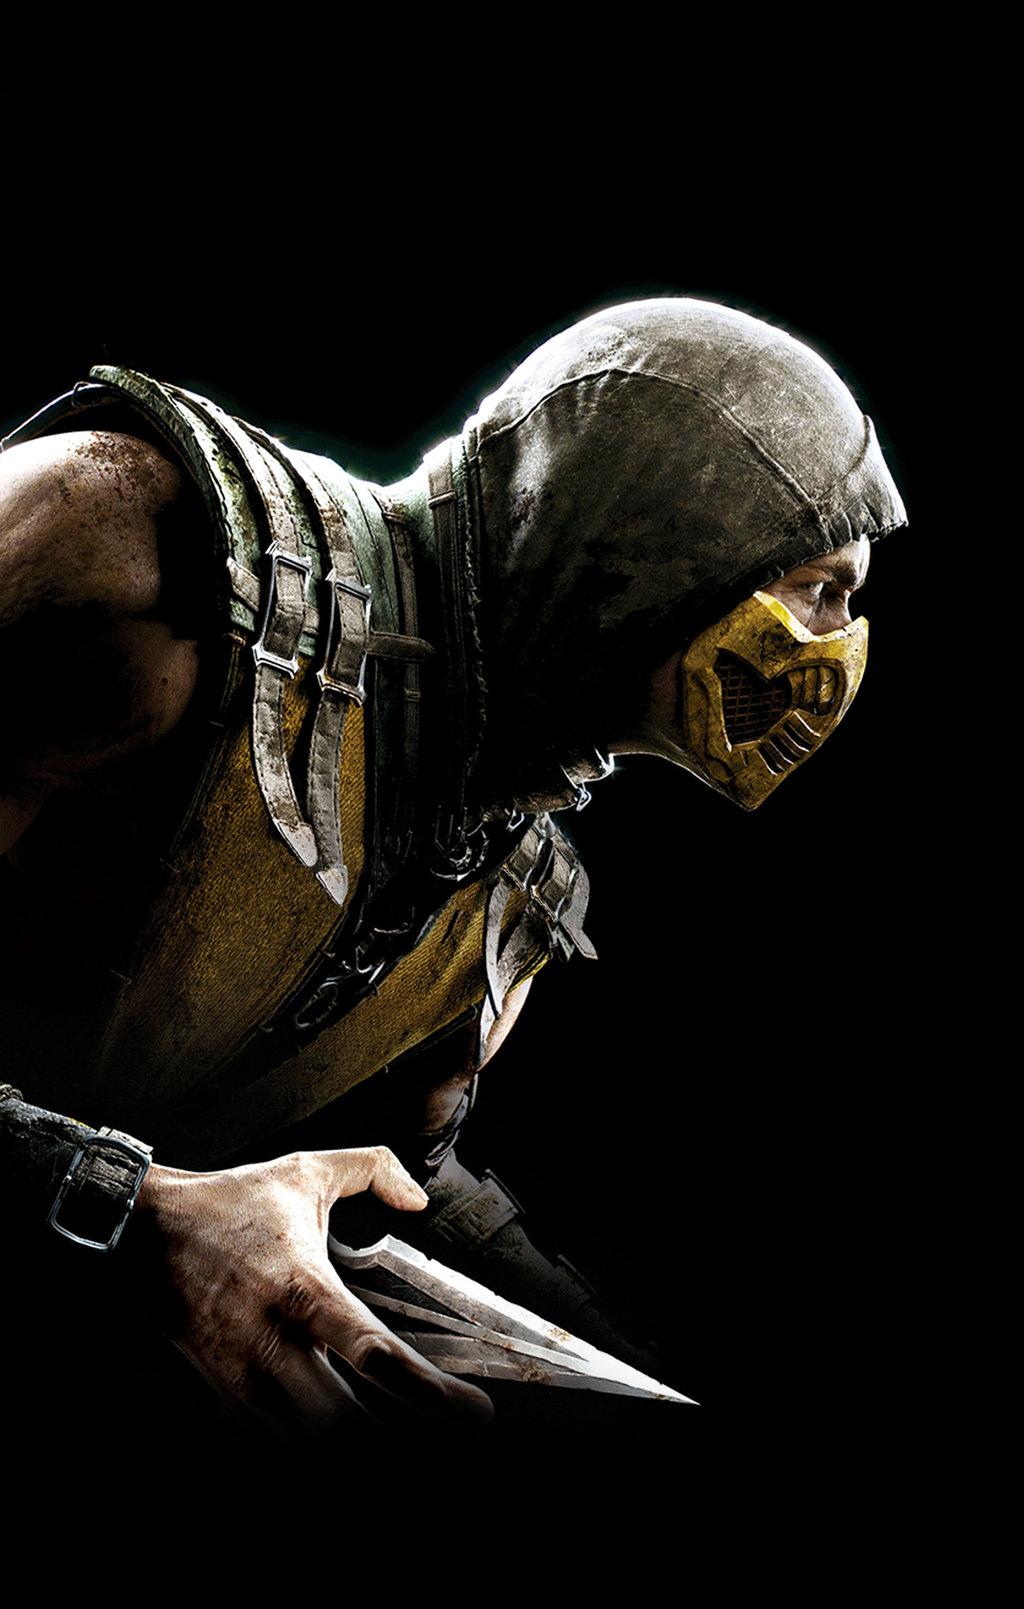 Mortal Kombat X Scorpian phone wallpaper by Reginaught 1024x1609